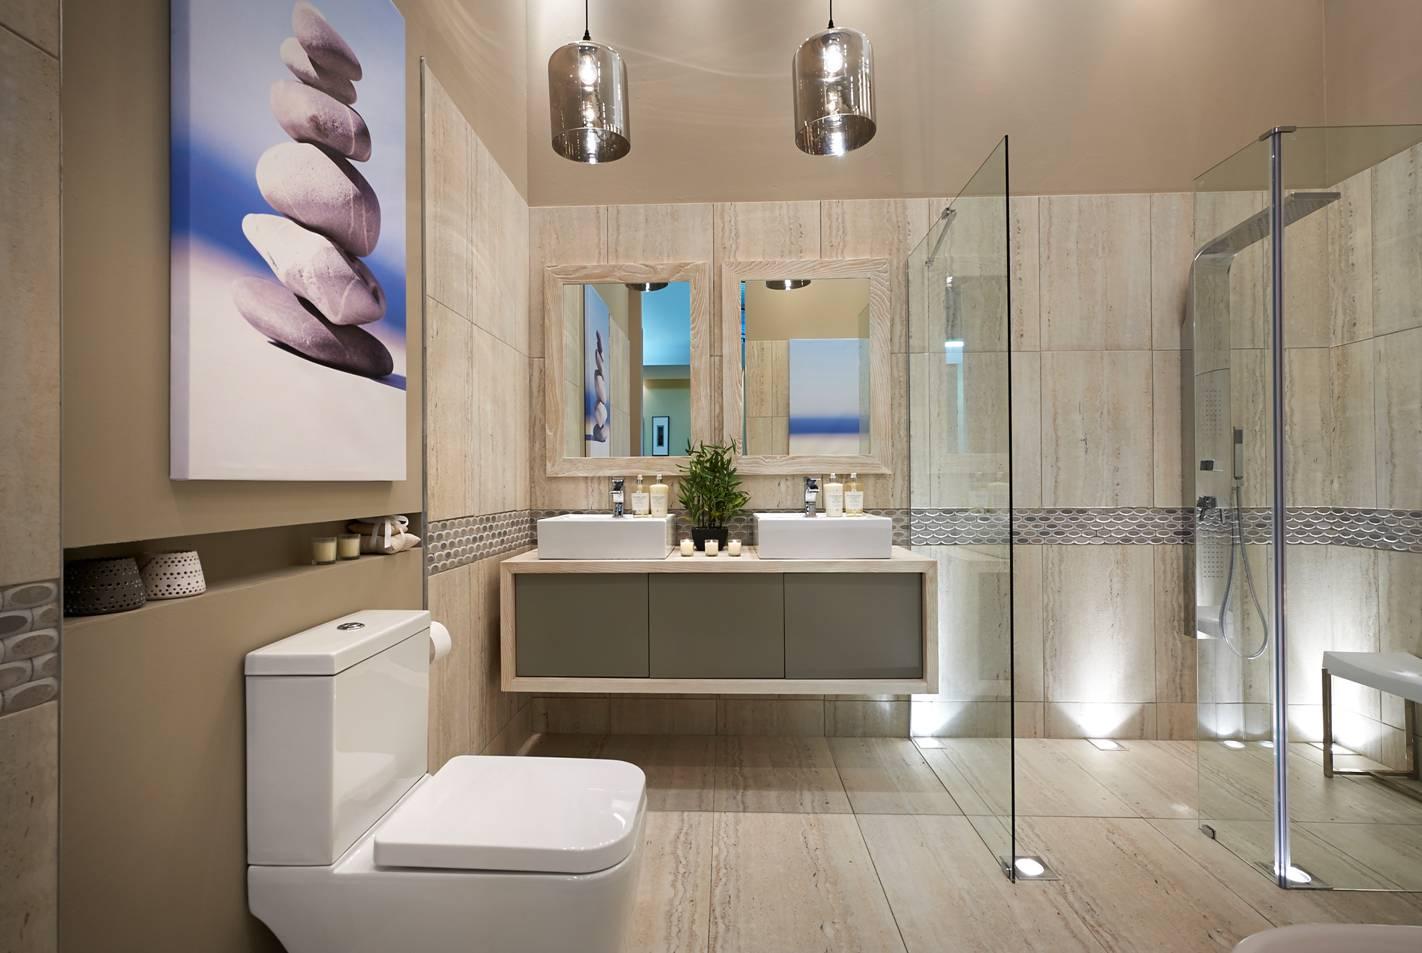 بالصور تصاميم حمامات , شاهد احدث تصاميم الحمامات العصرية 1934 7